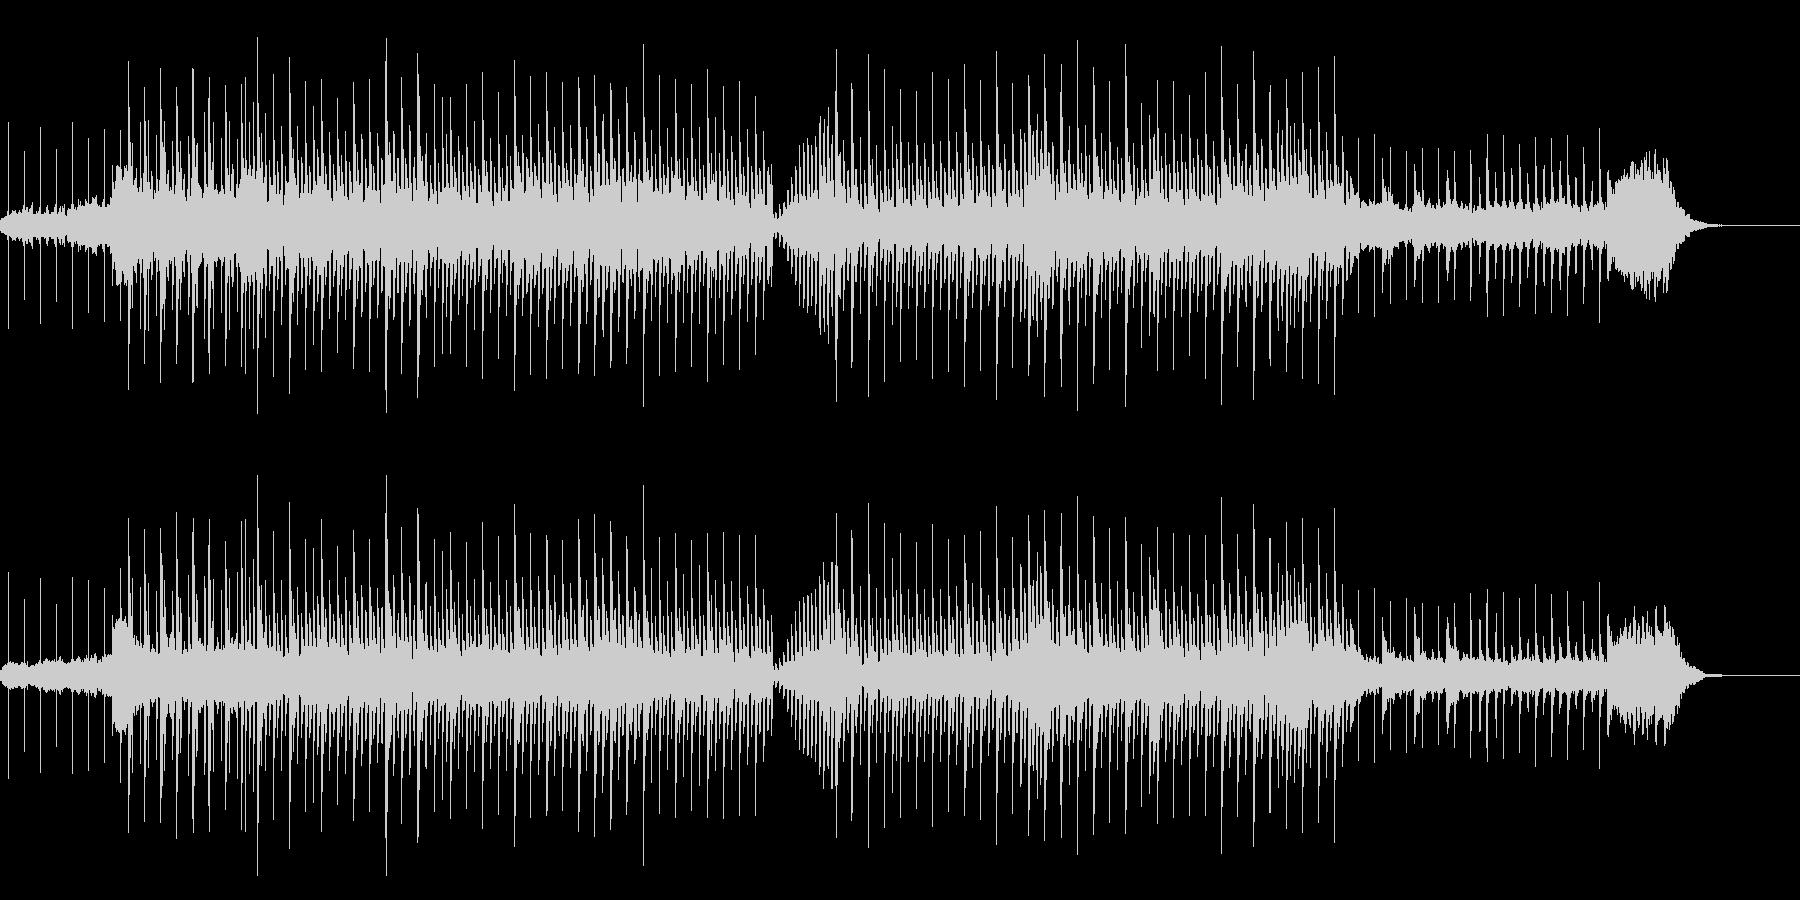 ベル/明るいアップテンポな曲 製品紹介の未再生の波形